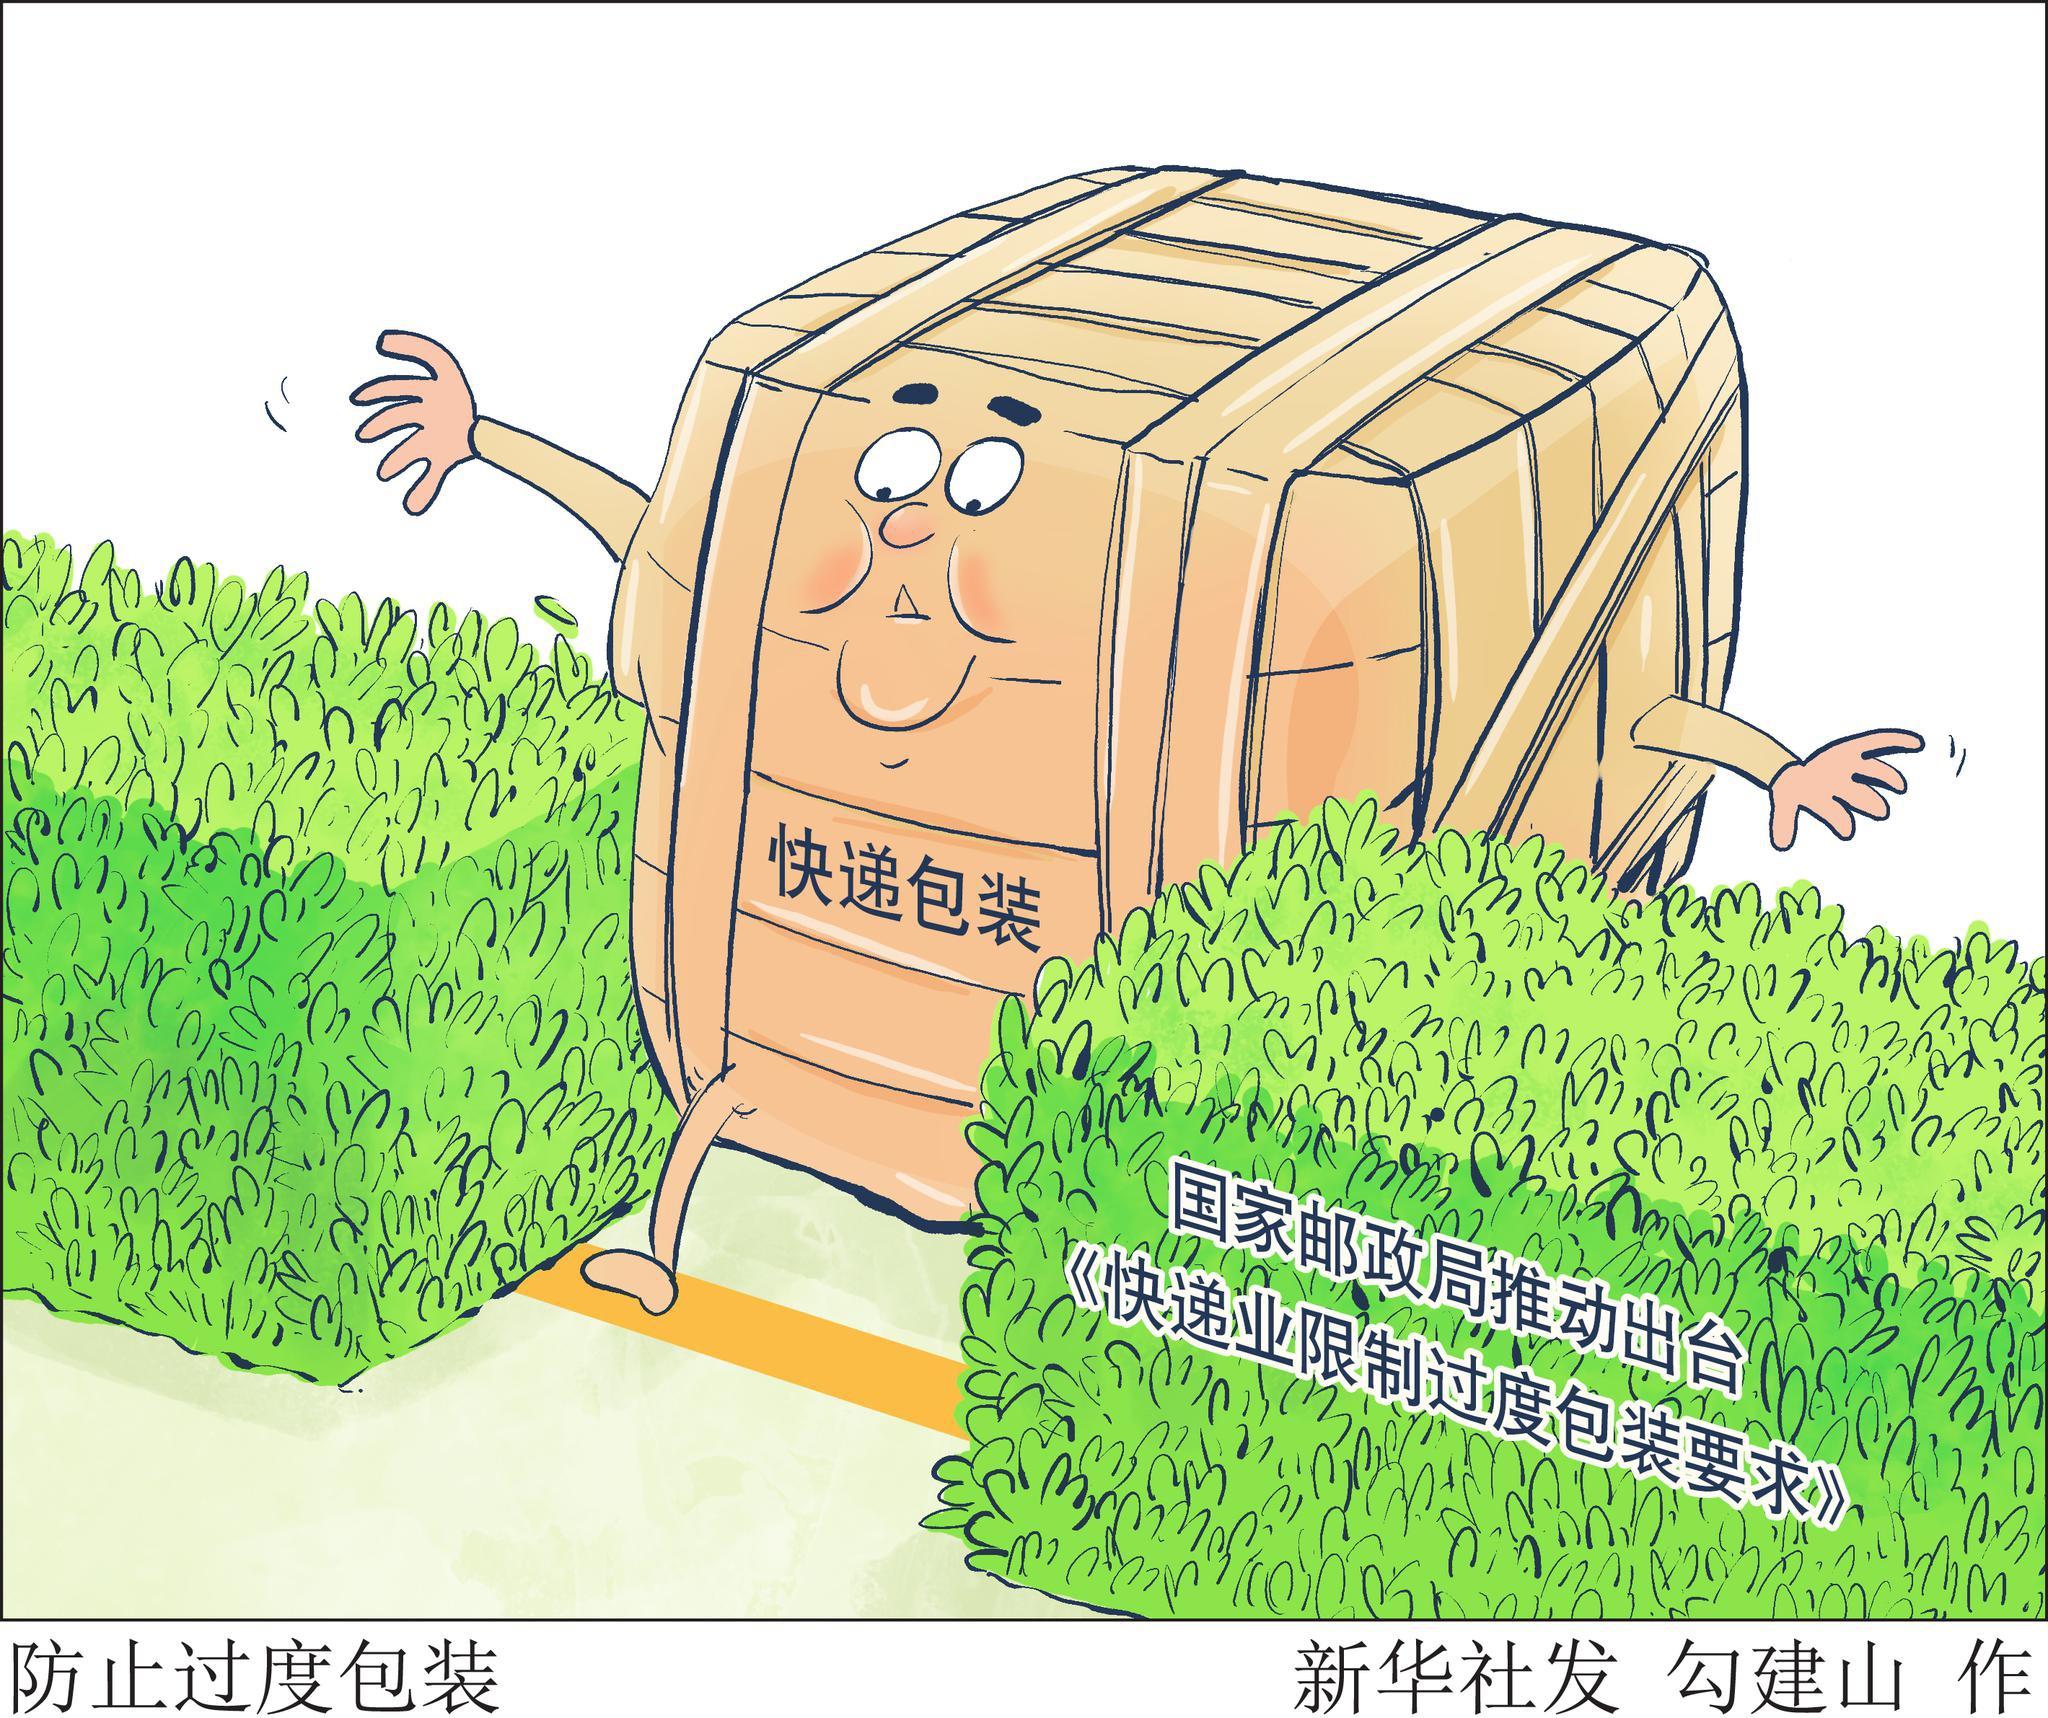 防止过度包装